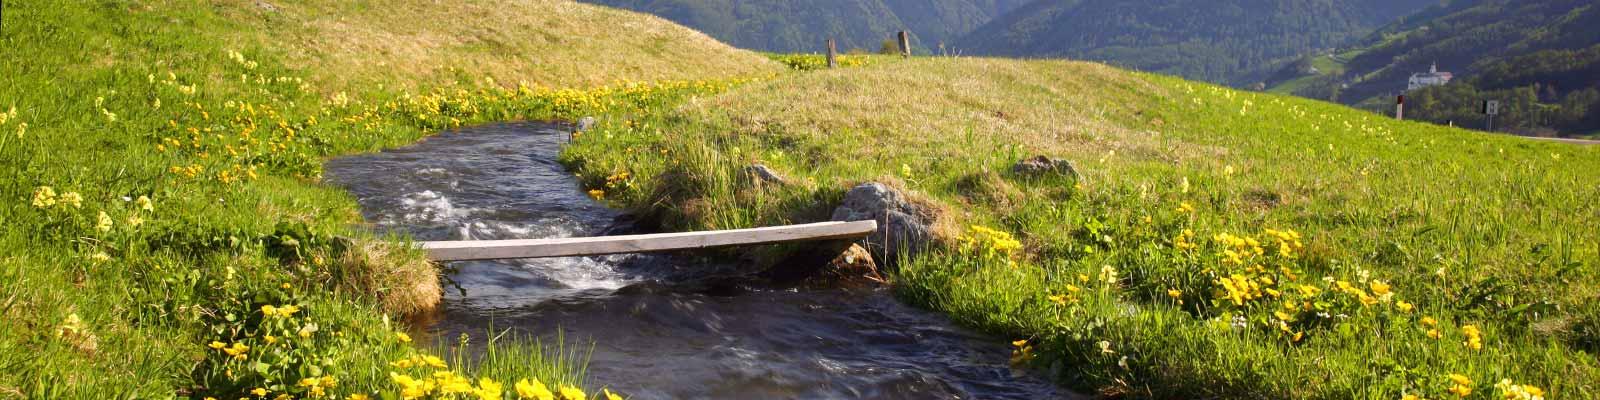 Psychotherapie, der Fluß des Lebens